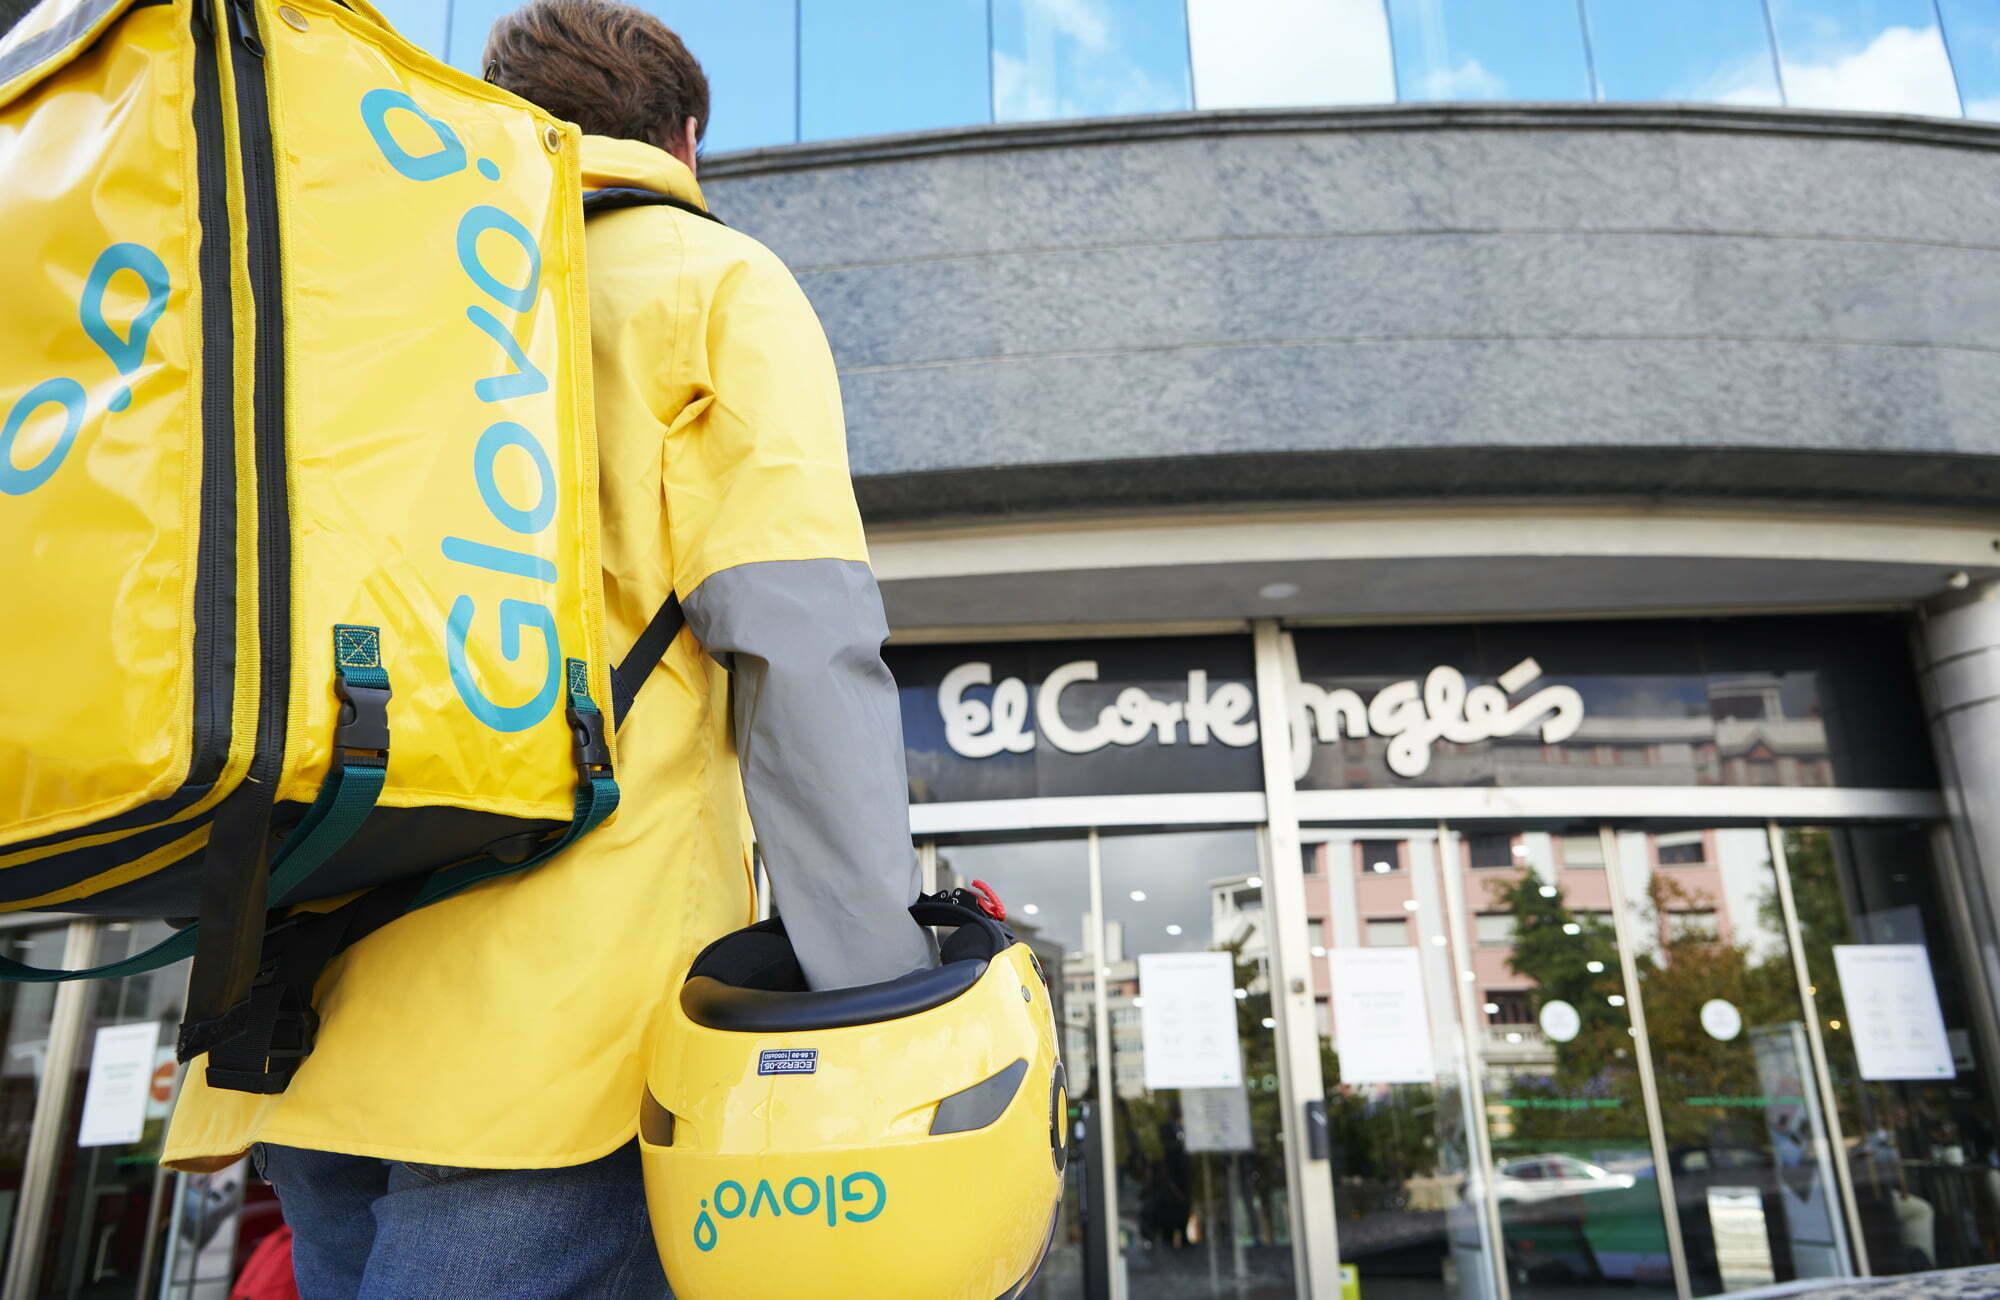 El Corte Inglés cria parceria com a Glovo